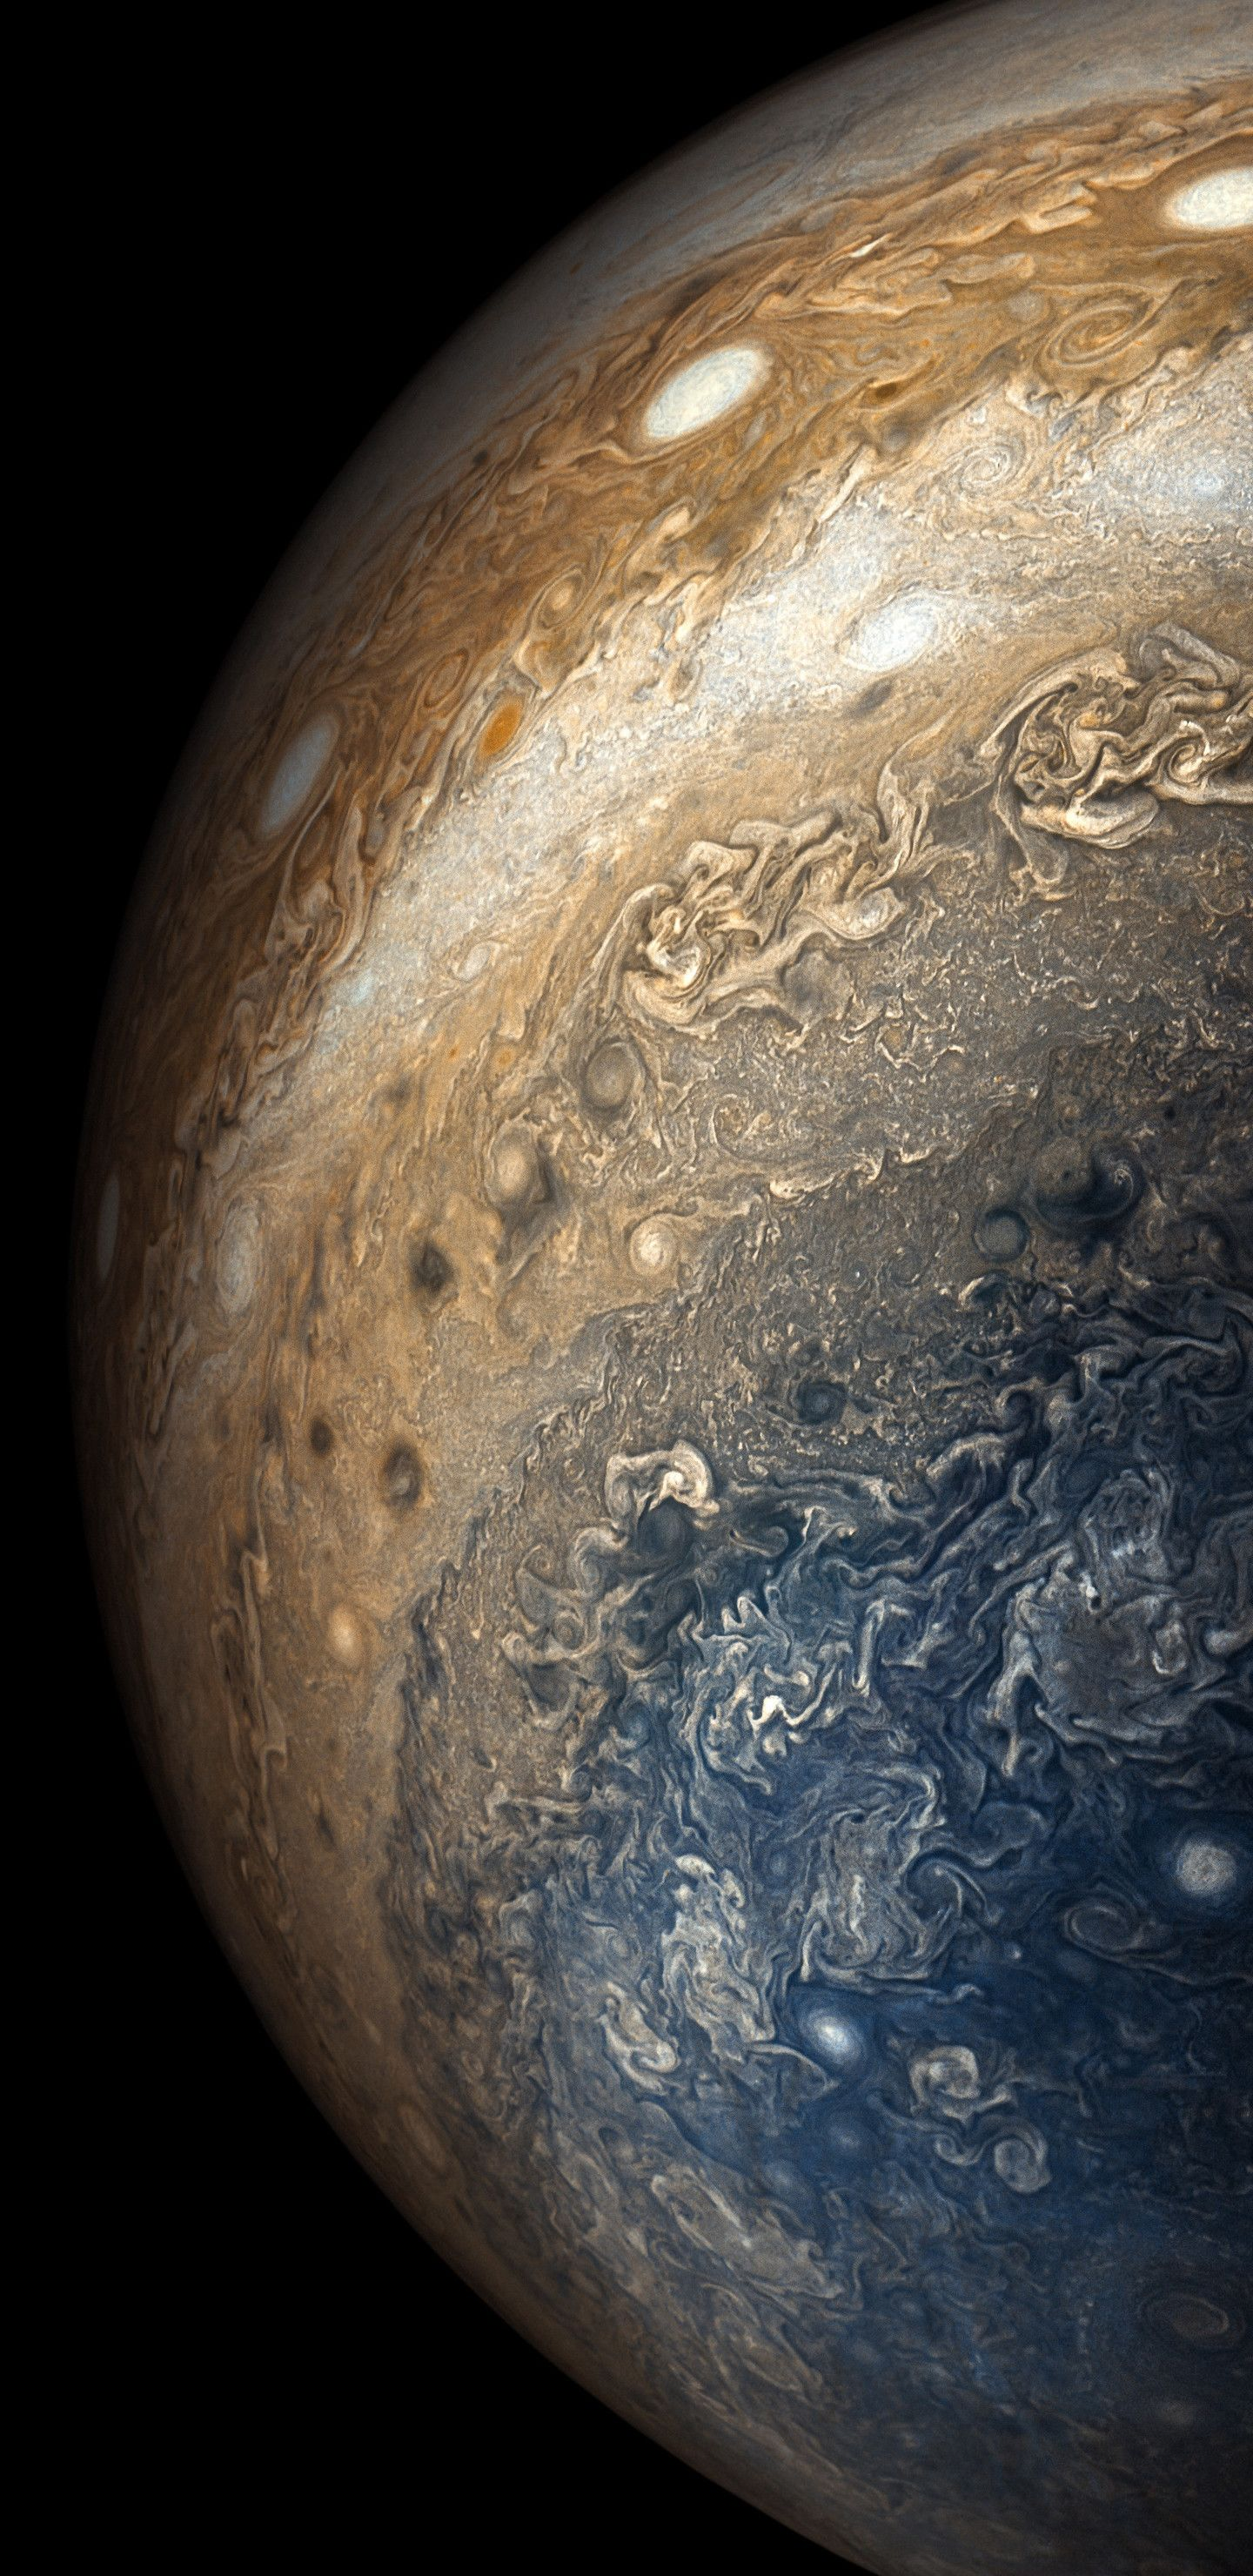 Jupiter 4k Phone Wallpapers Top Free Jupiter 4k Phone